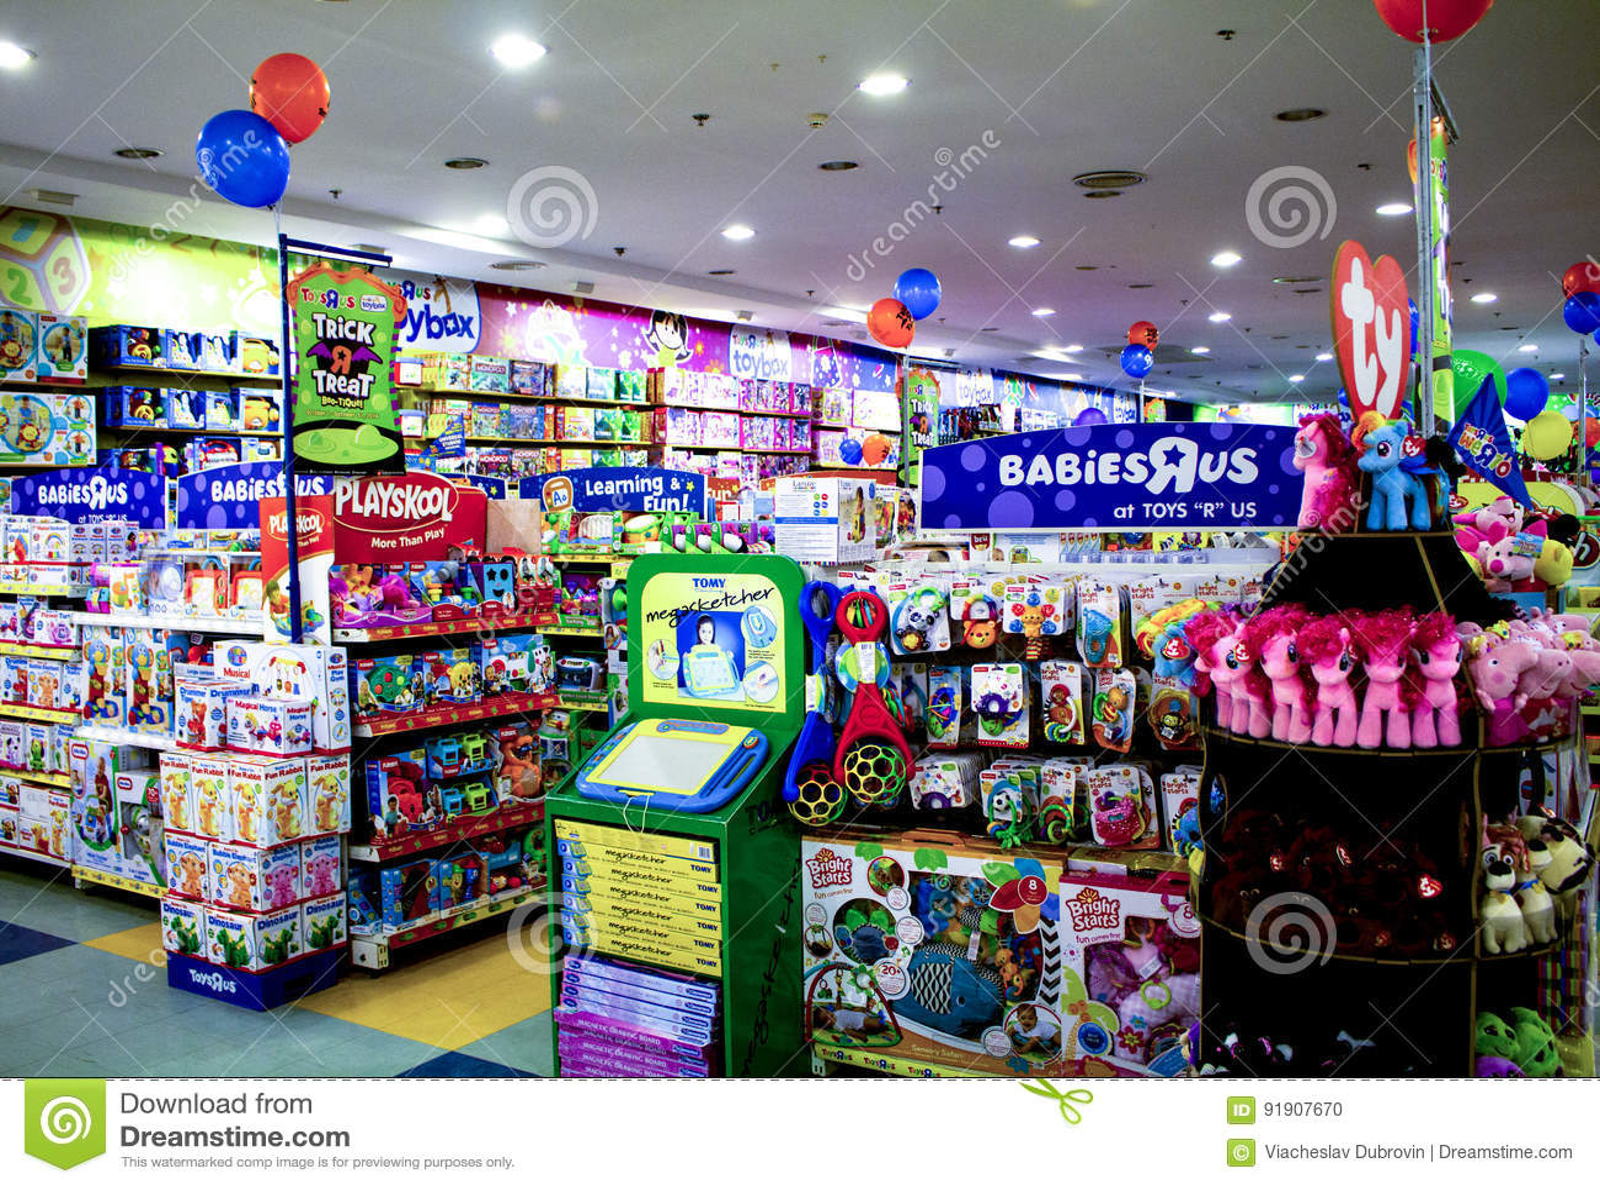 Dumaguete, Filippine - 26 novembre 2016: Dipartimento del giocattolo nel centro commerciale